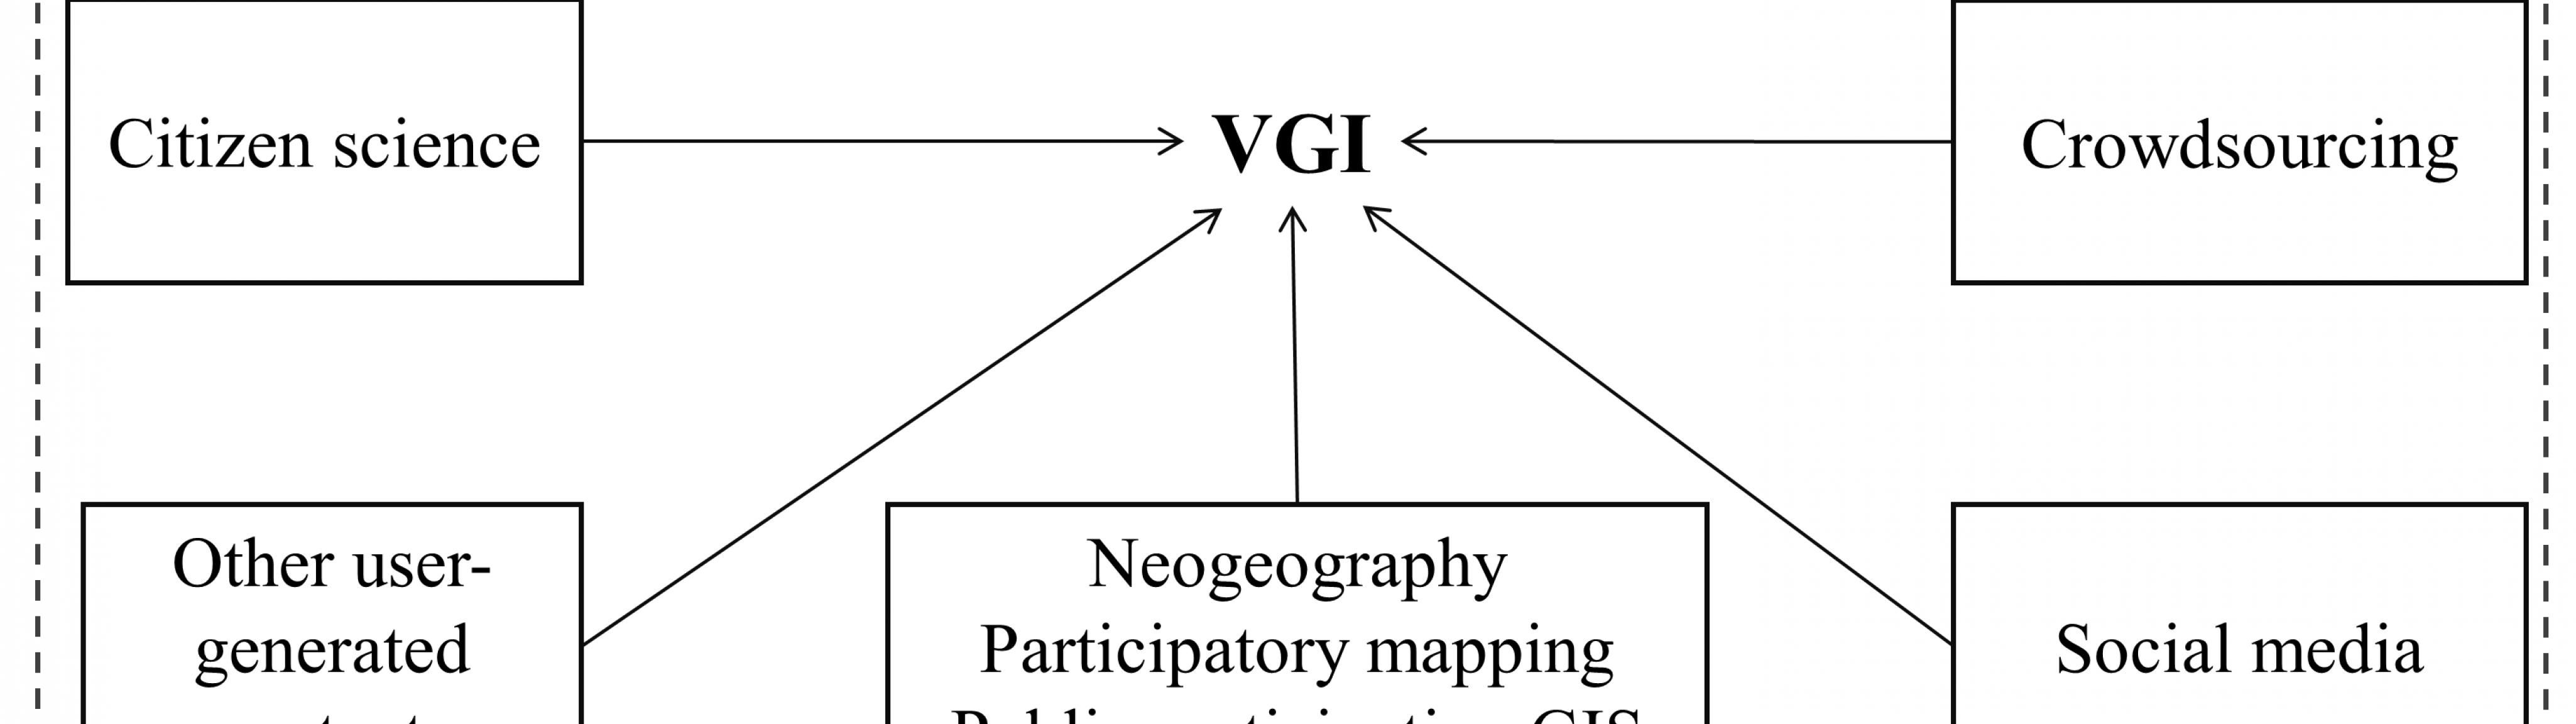 GIS and VGI